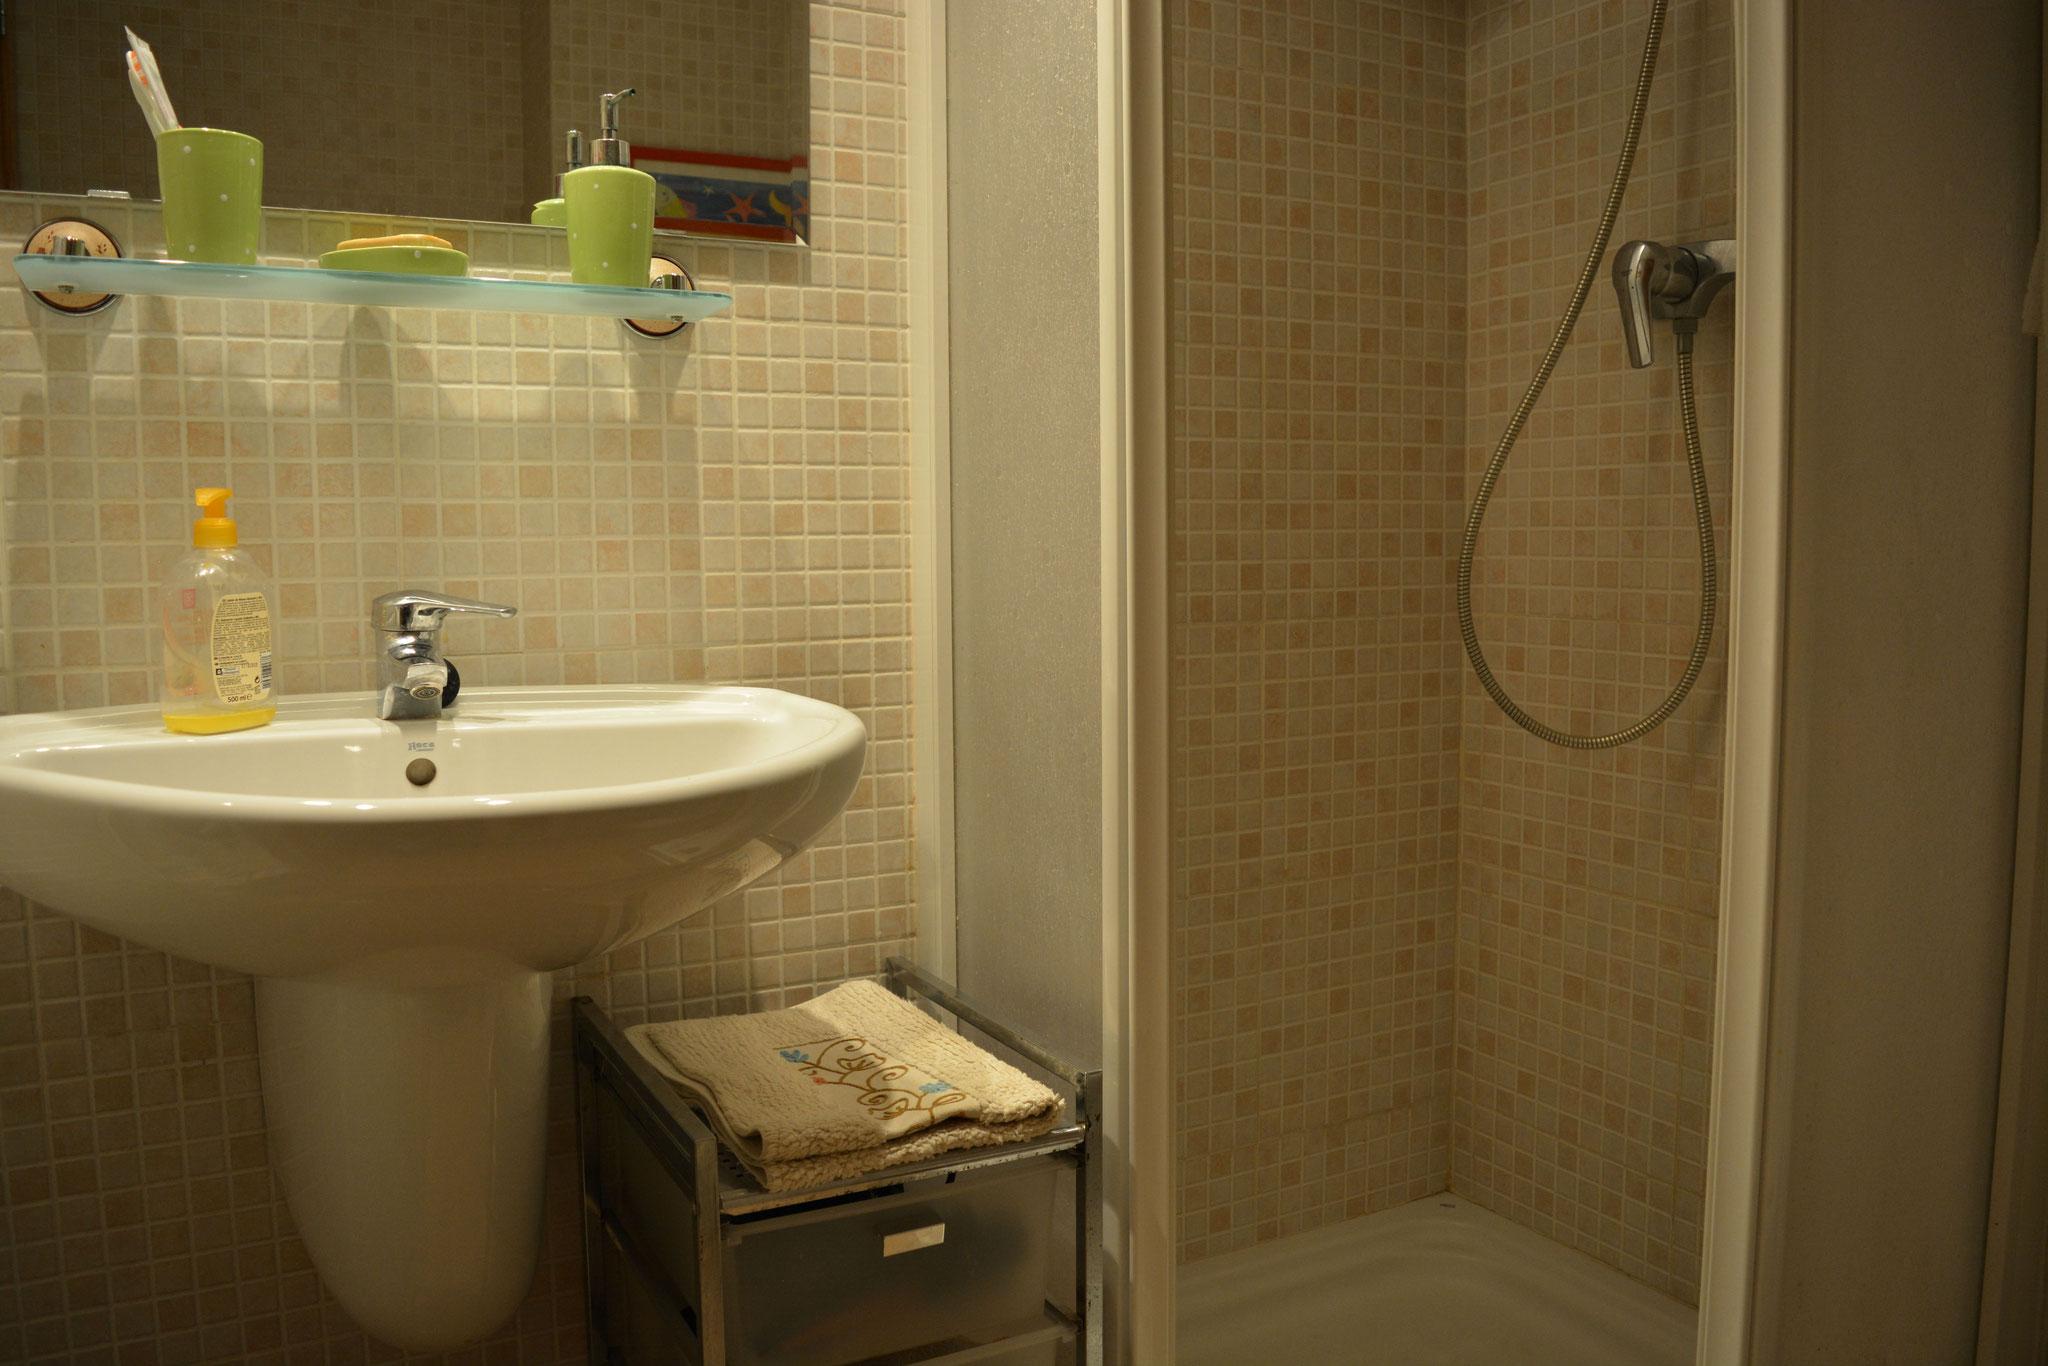 deuxième salle de bains avec douche